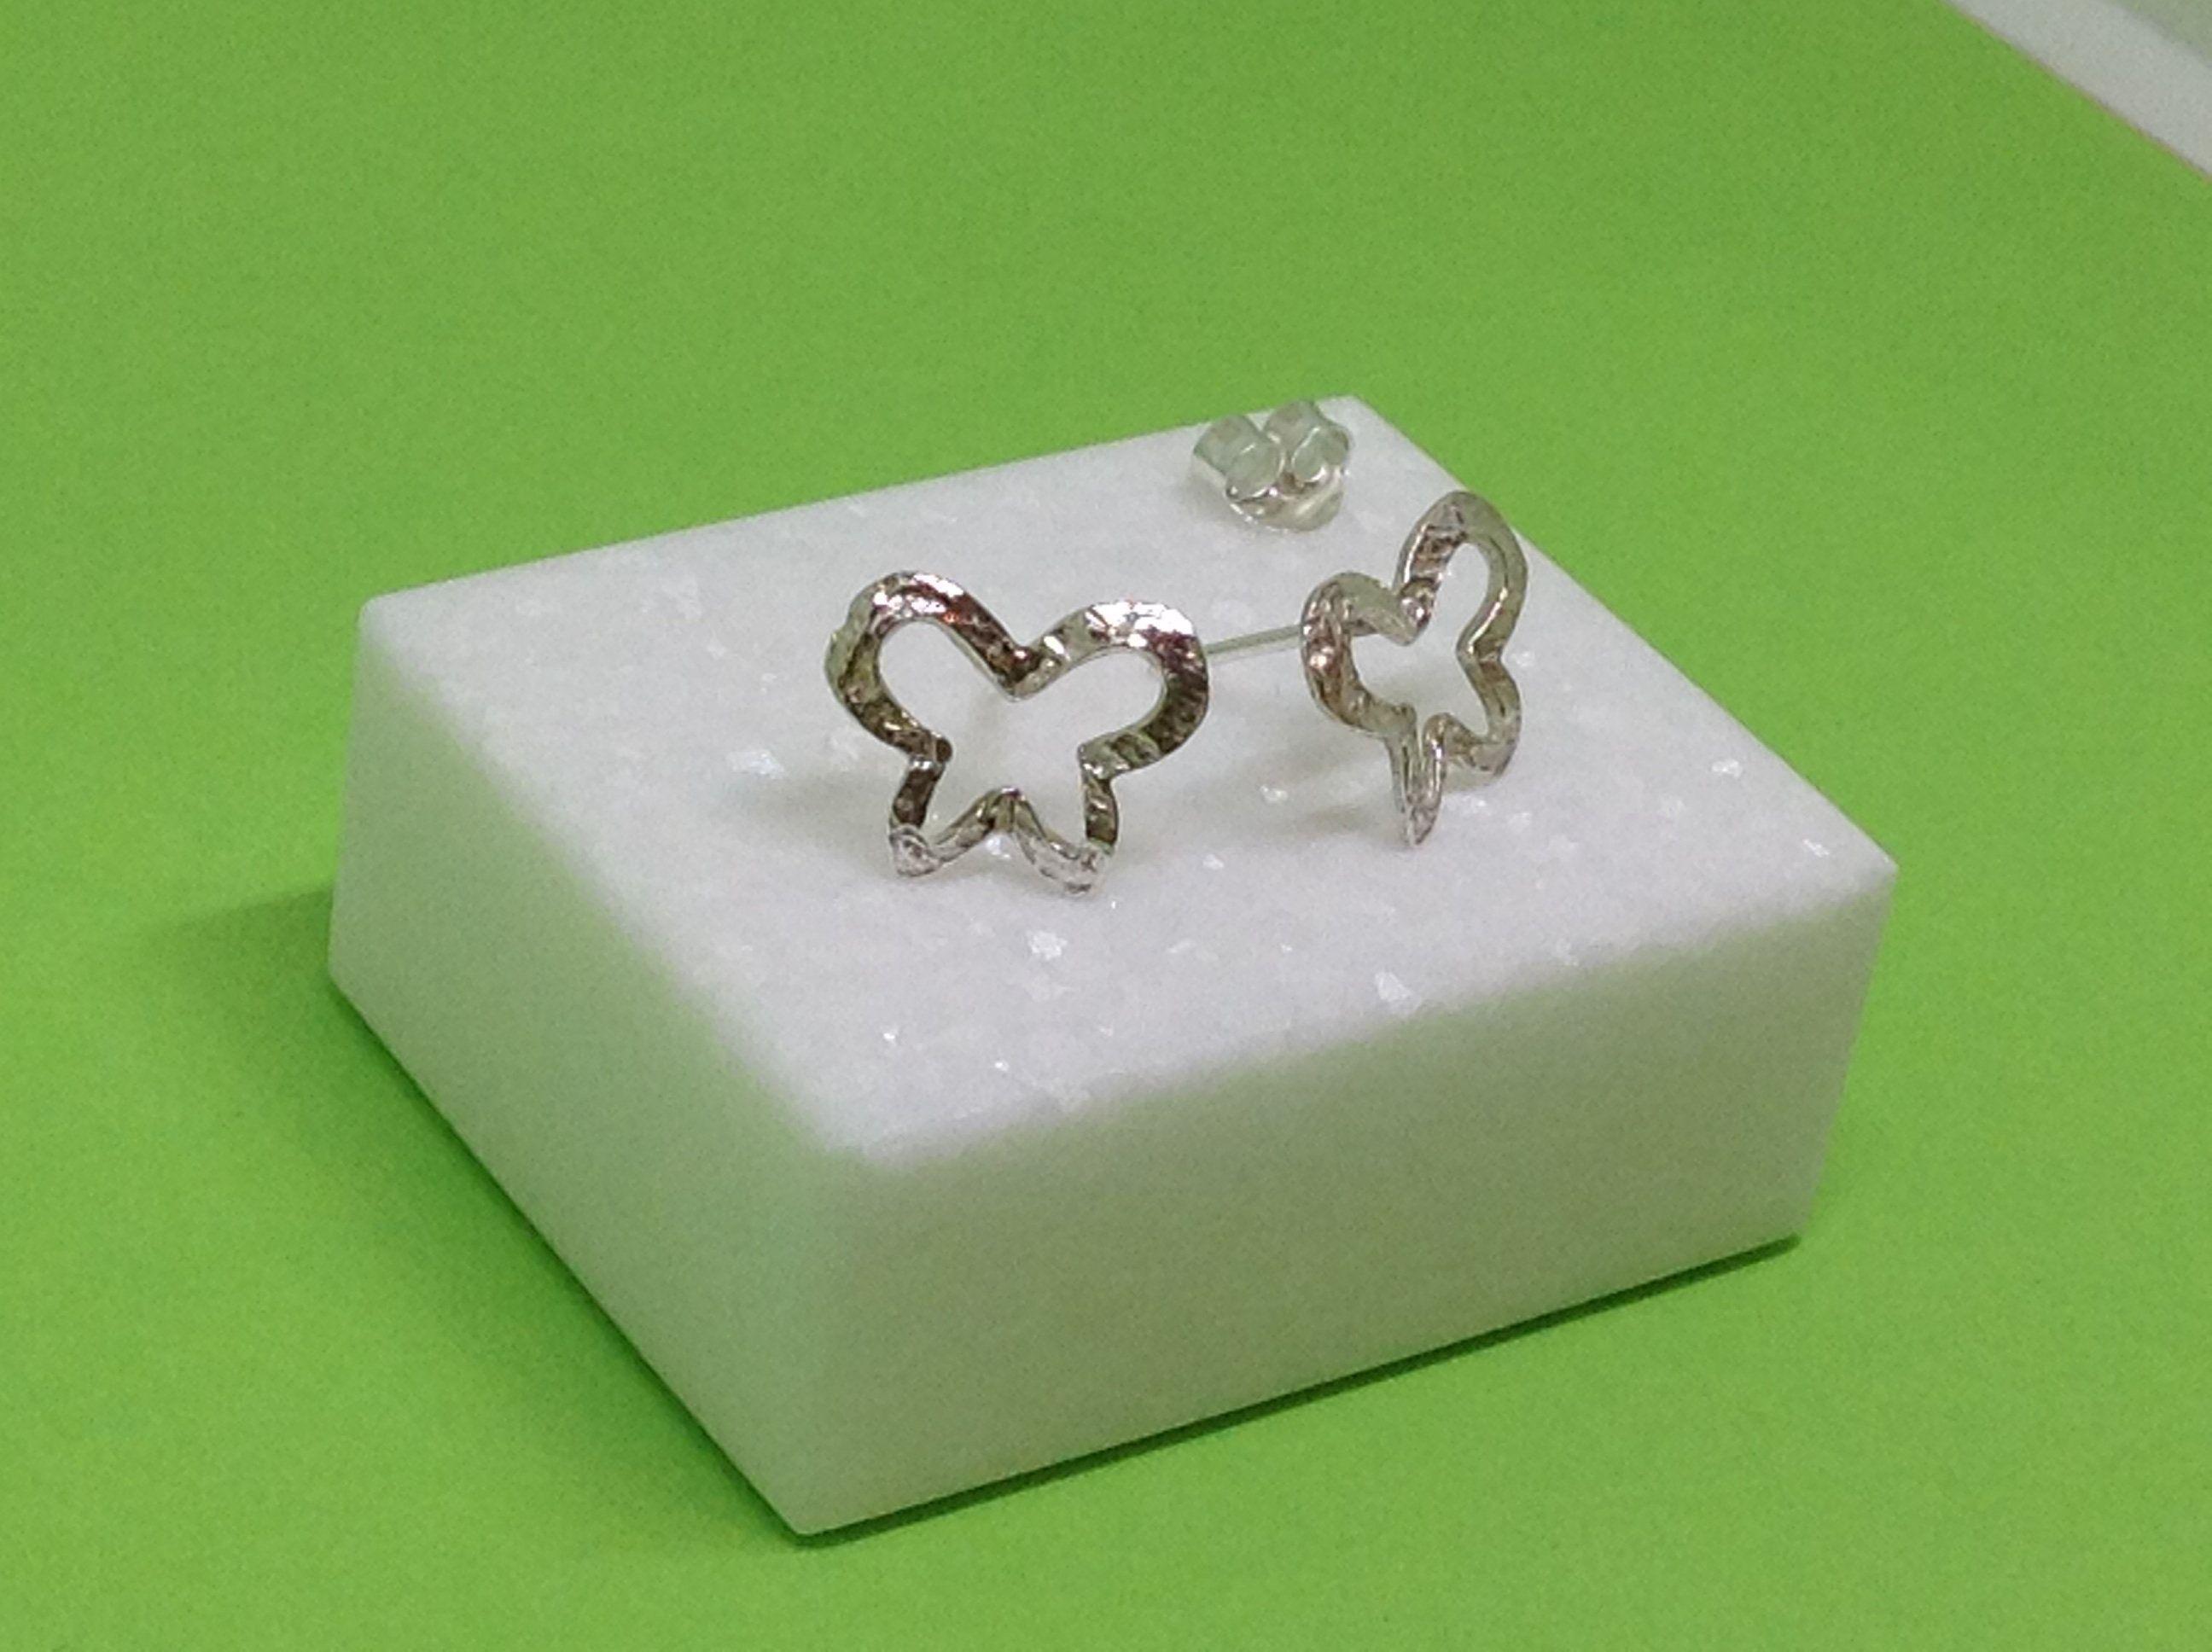 Butterfly Stud Earrings Tiny Butterfly Sterling Silver Stud Earrings Gift